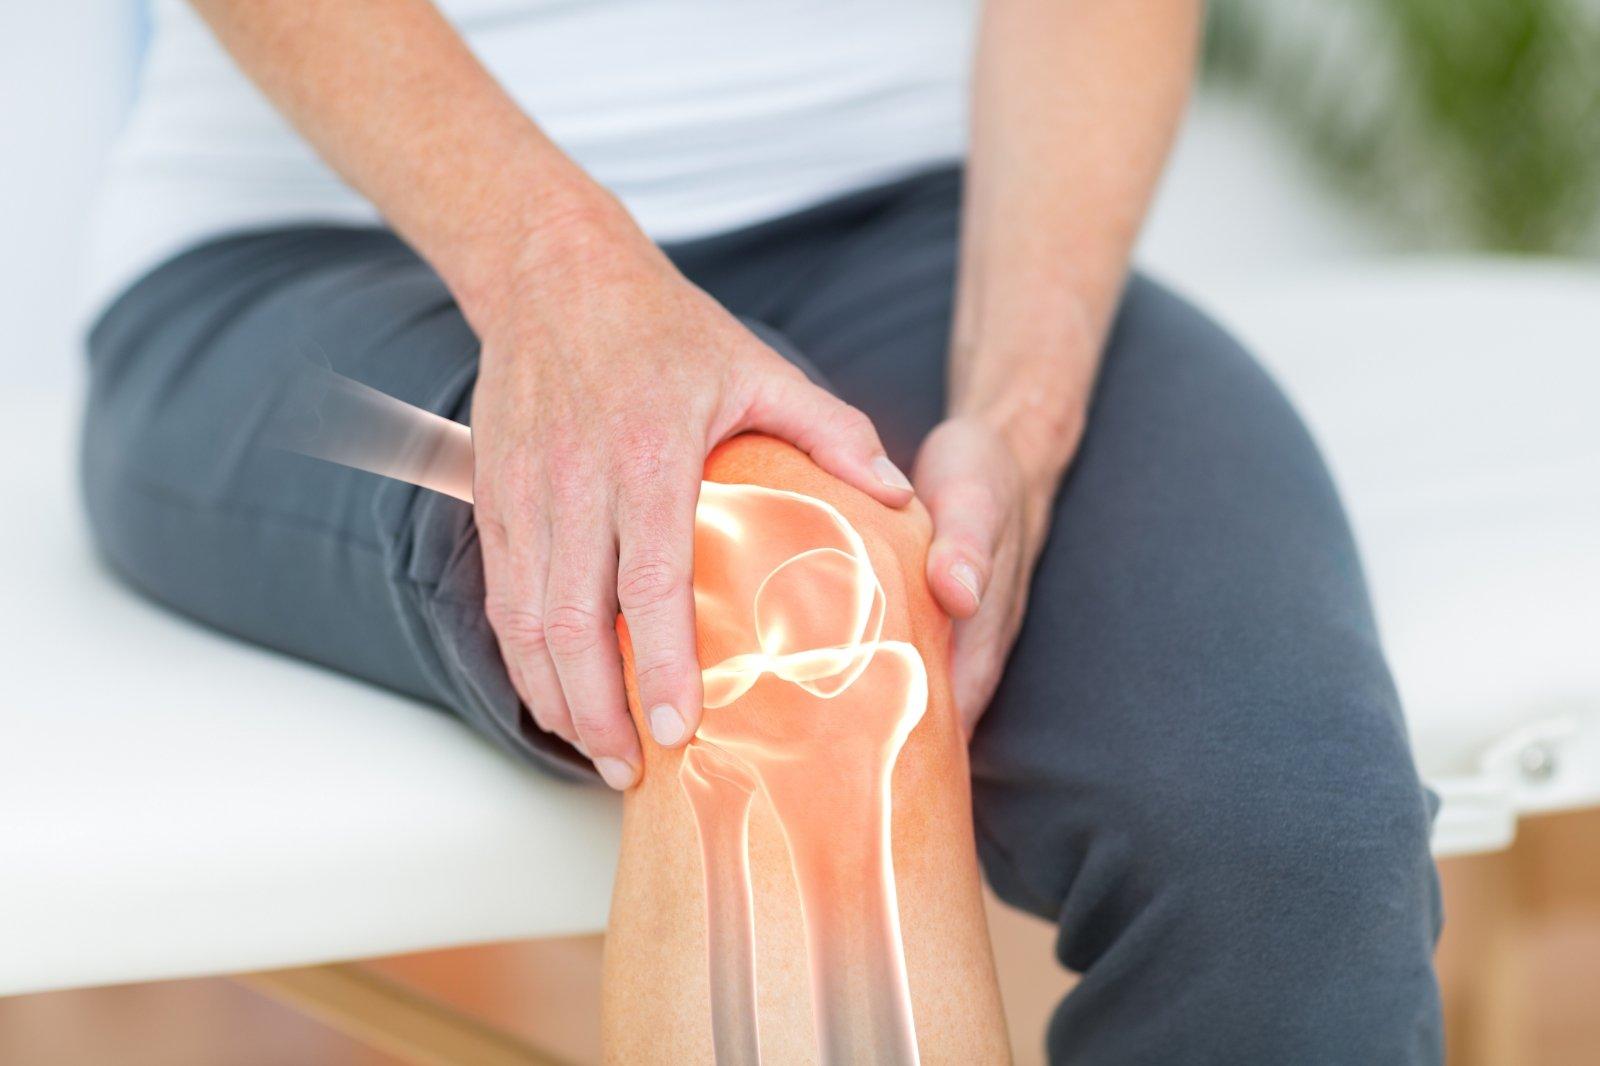 skauda sąnarių ir raumenų skausmą malšinančių vaistų nuo sąnarių skausmas